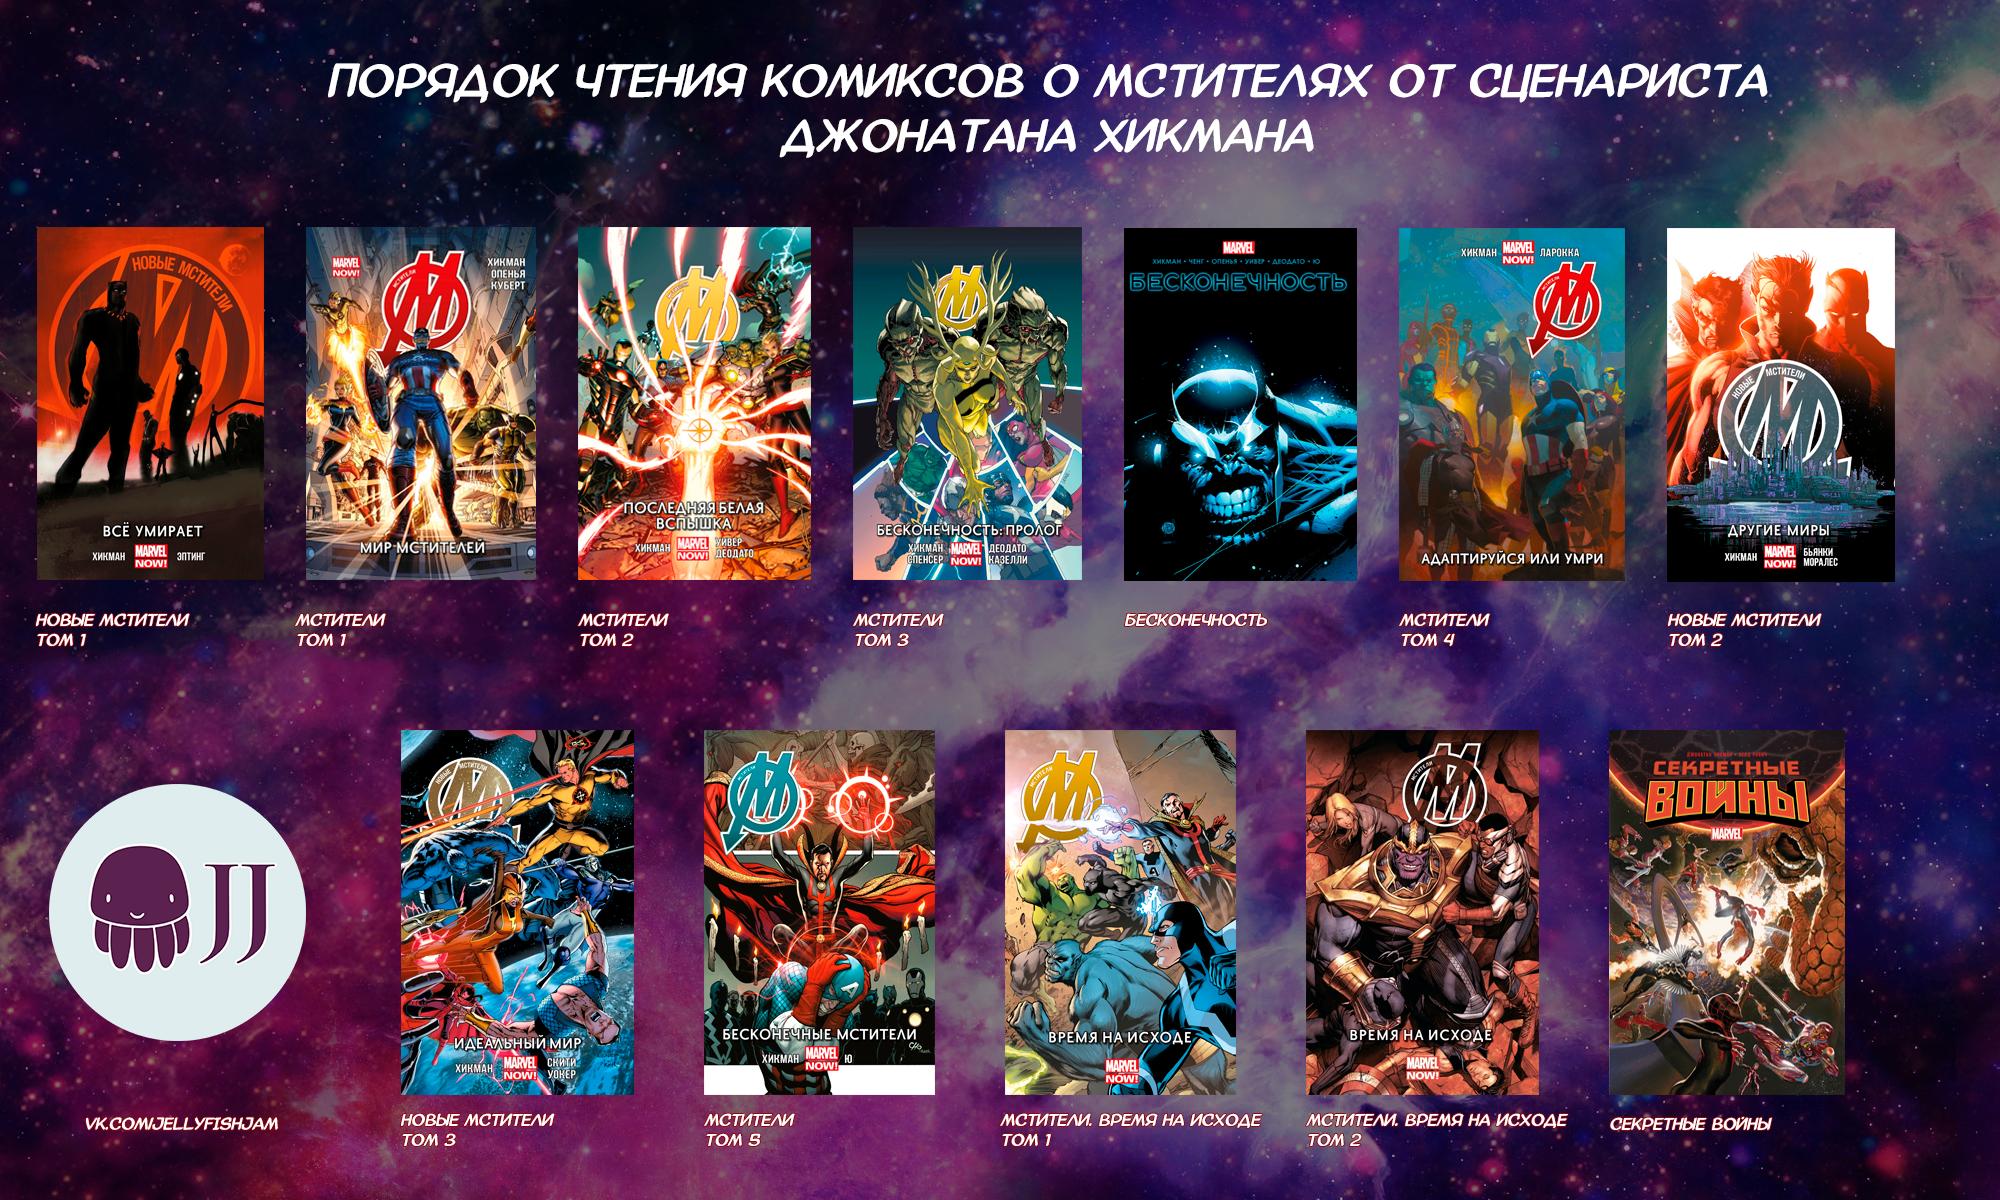 Порядок чтения комиксов о Мстителях от Джонатана Хикмана